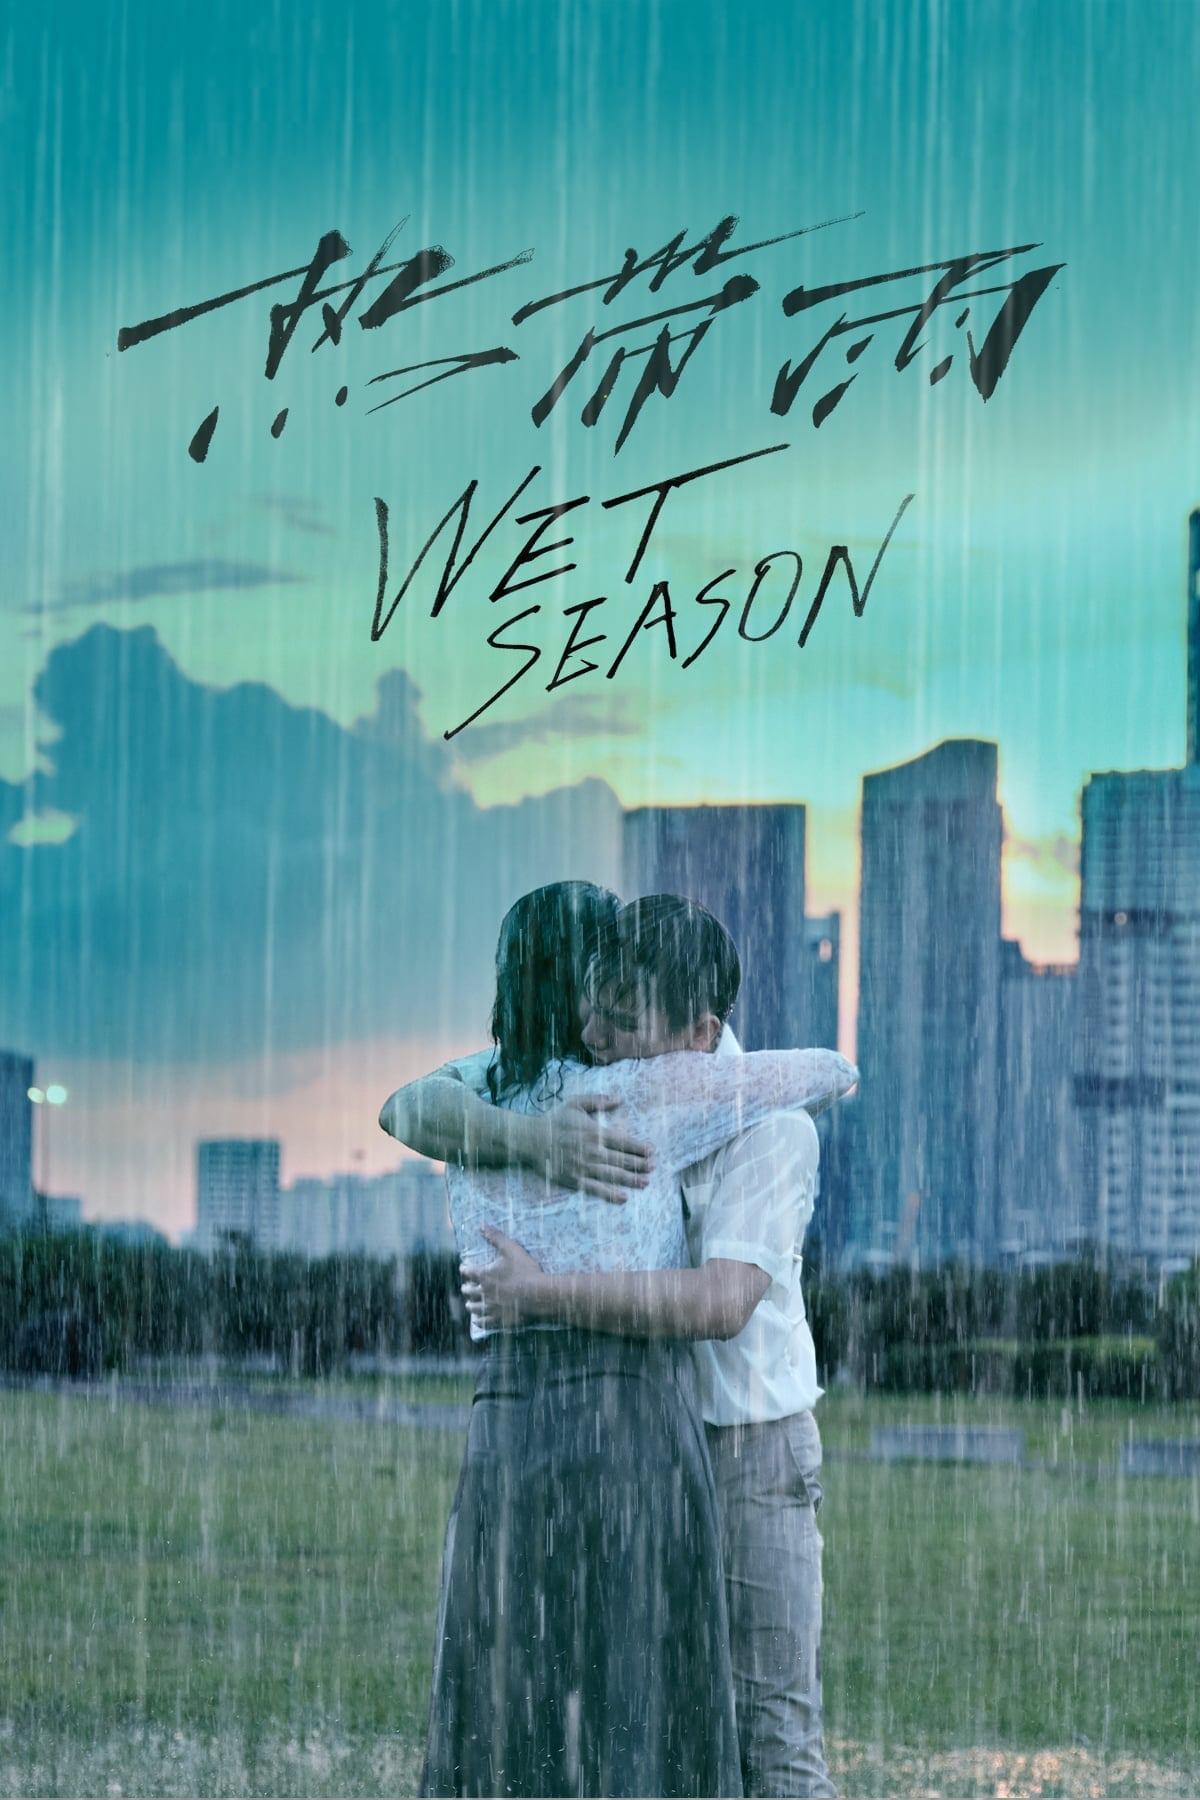 Poster for Wet Season